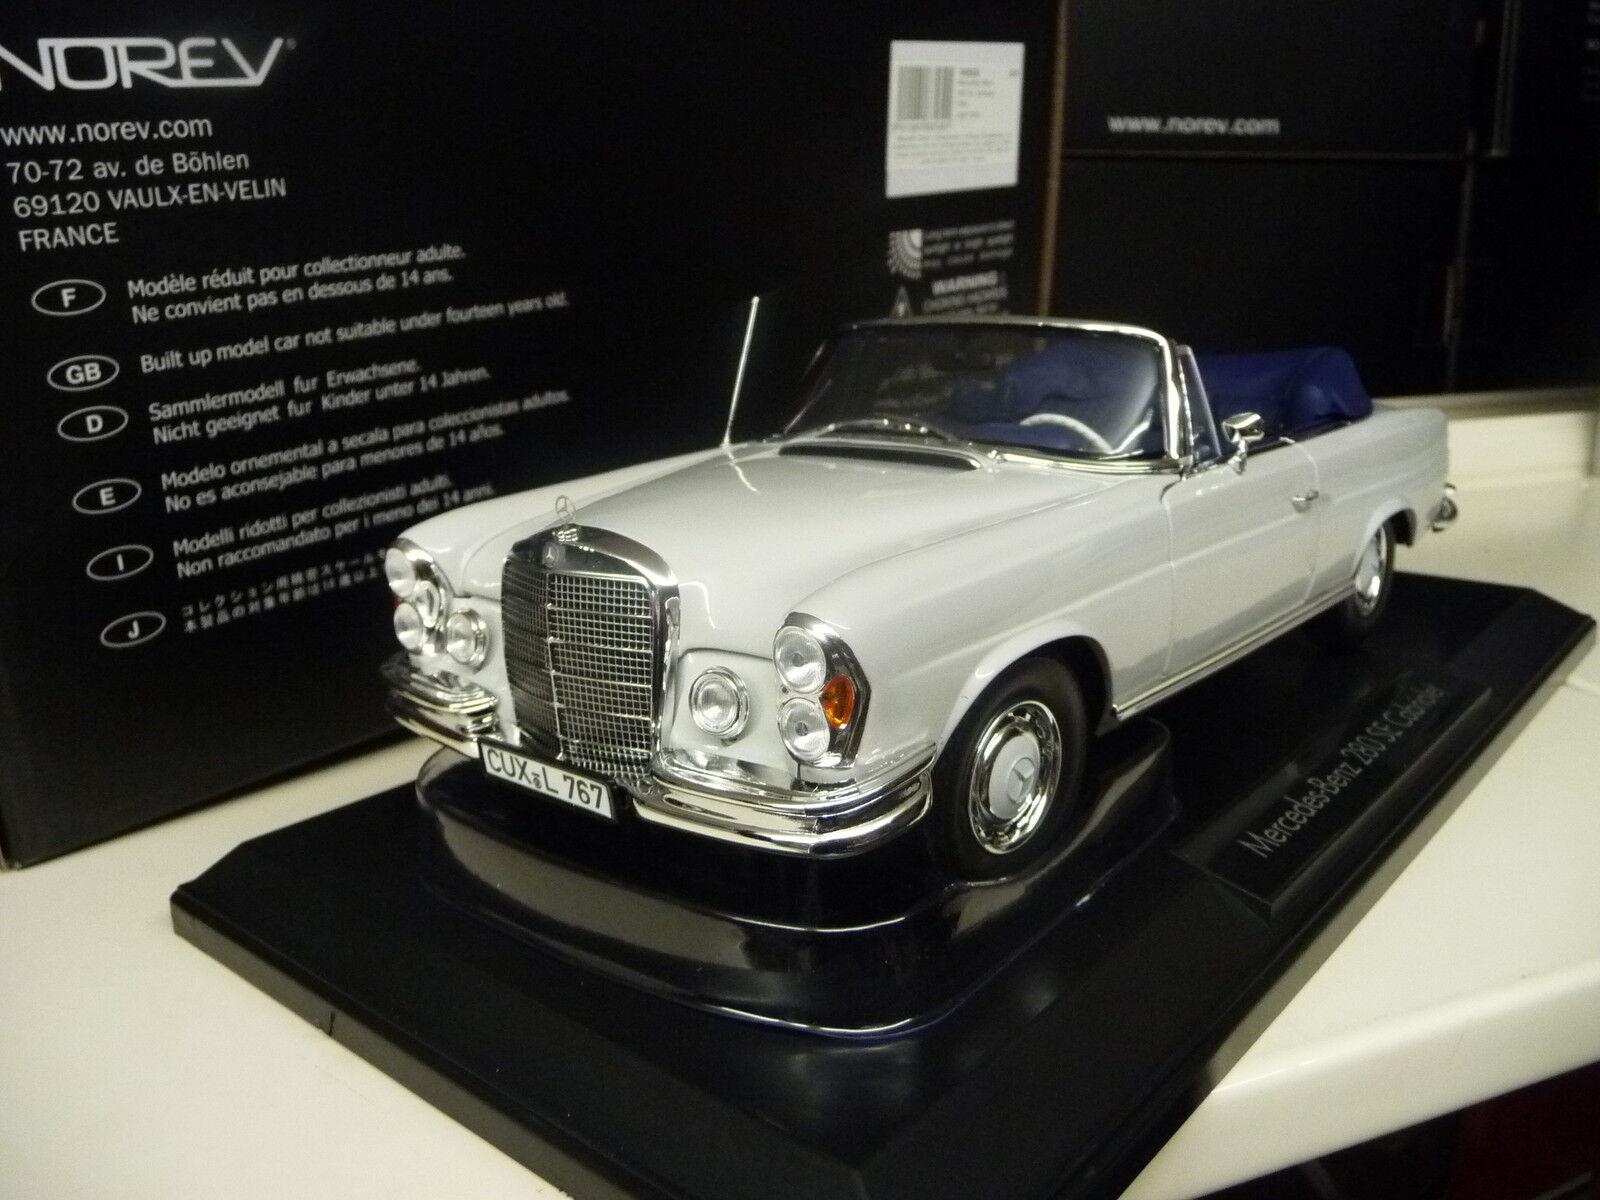 Très, la surprise vous attend 1:18 Norev Mercedes 280se Cabriolet w111 Cabriolet Blanc-Gris Nouveau New   Extravagant